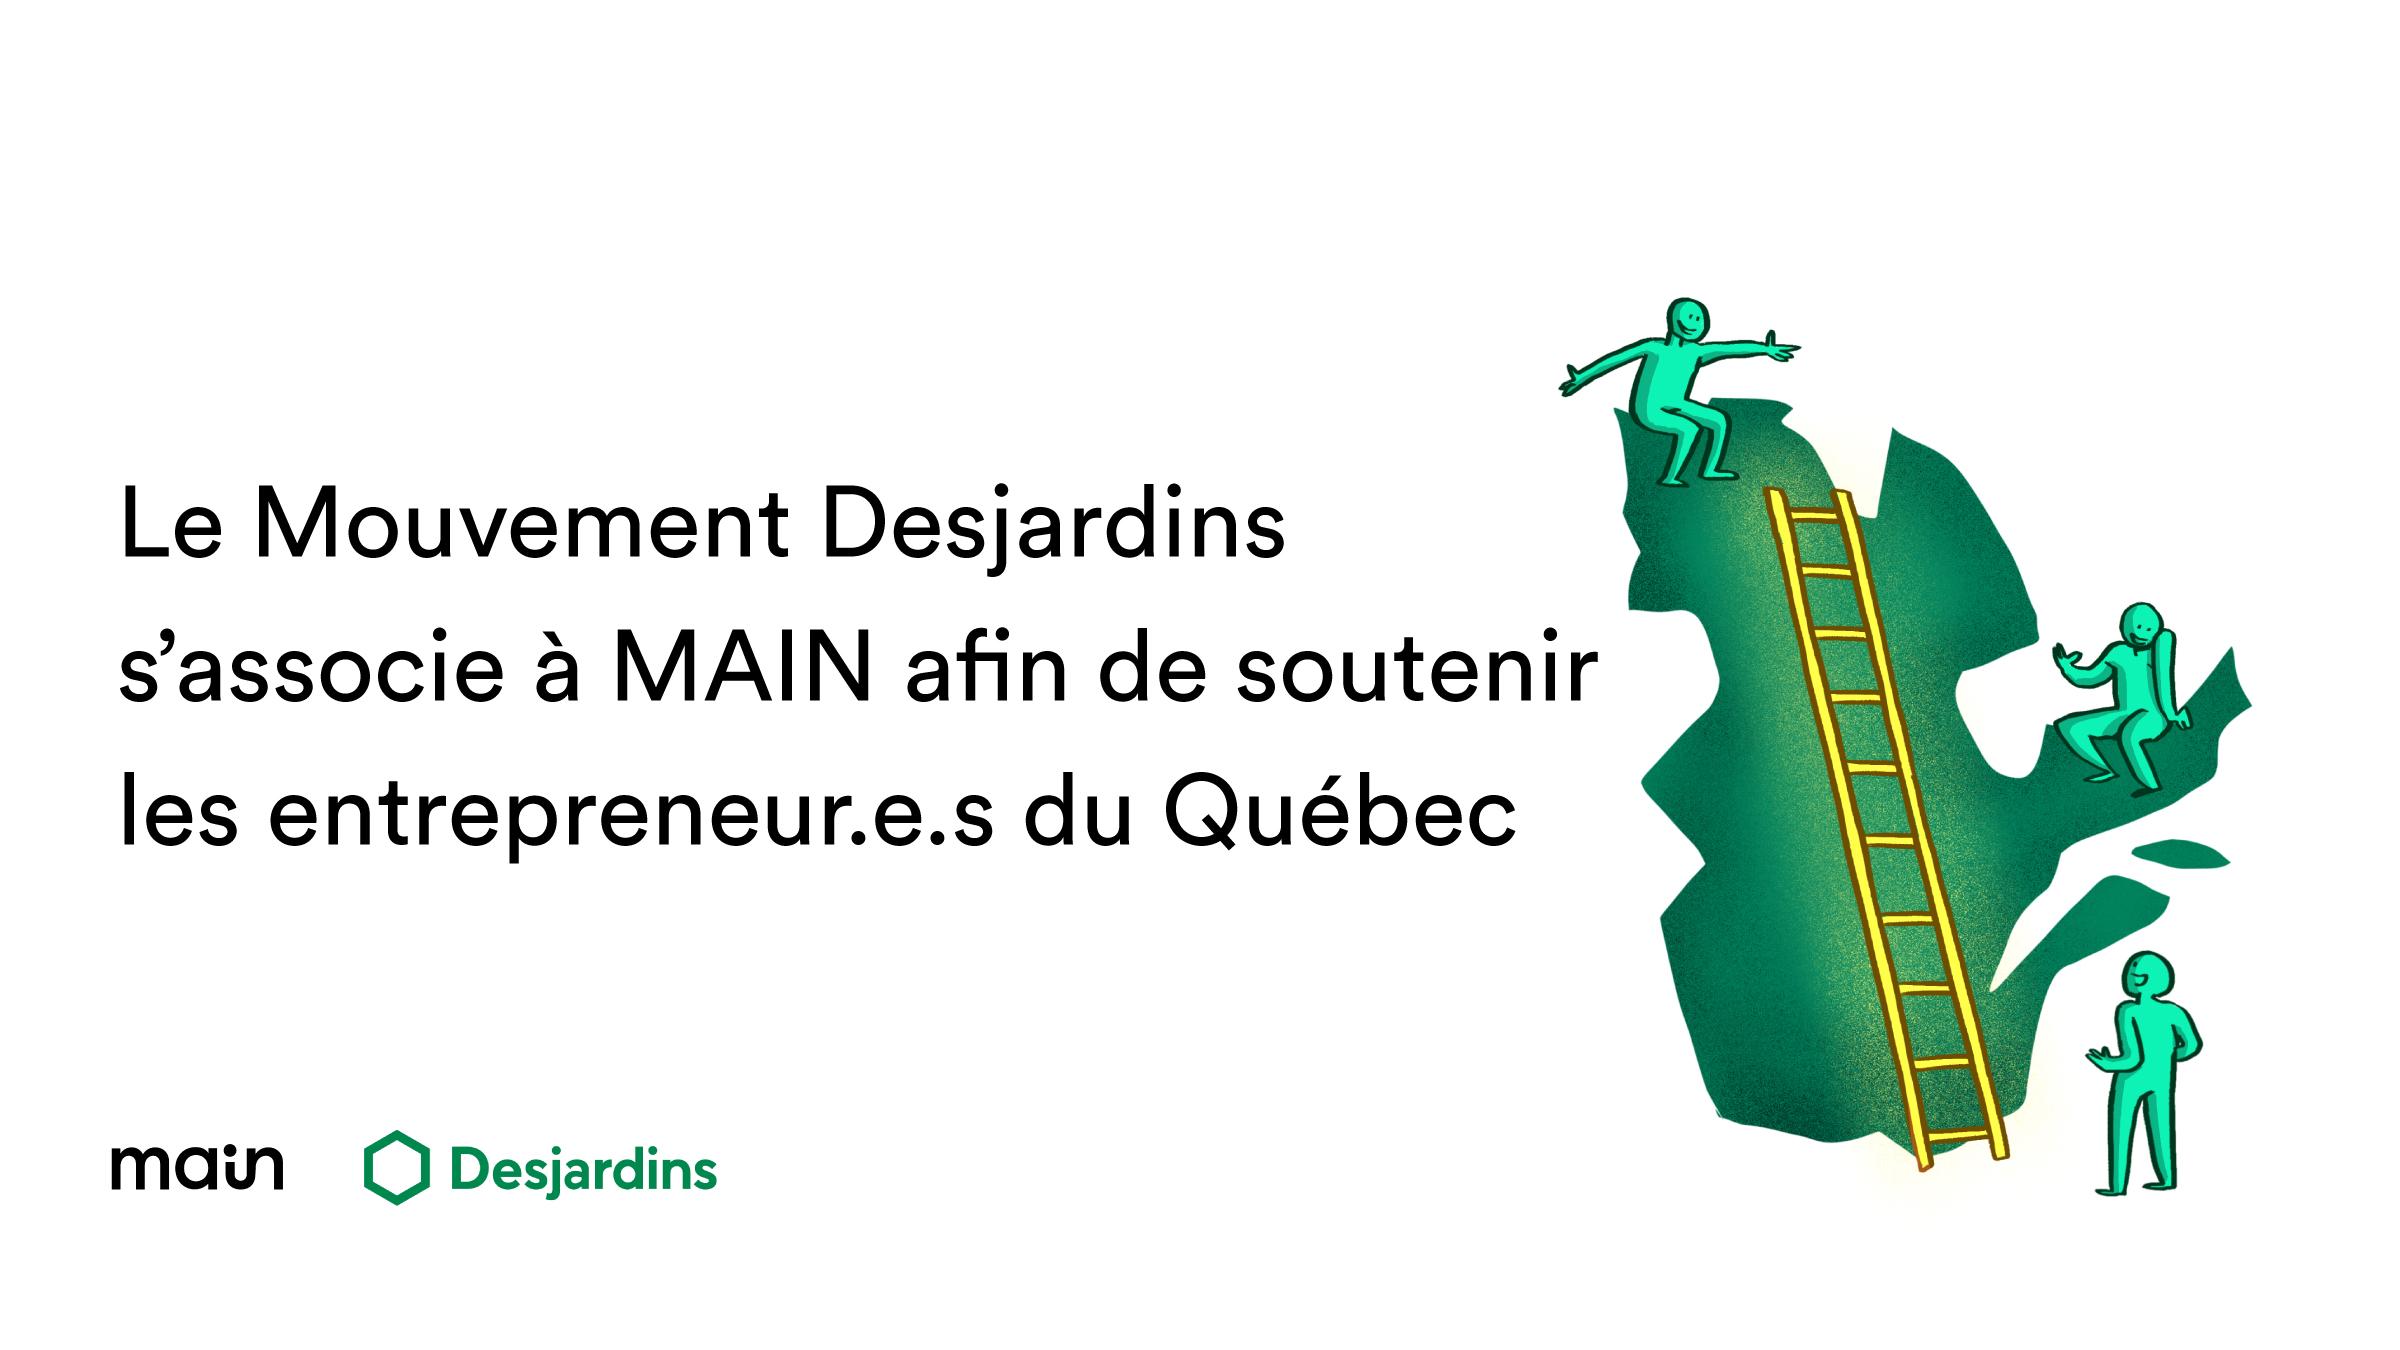 Le Mouvement Desjardins s'associe à MAIN afin de soutenir les entrepreneur.e.s du Québec